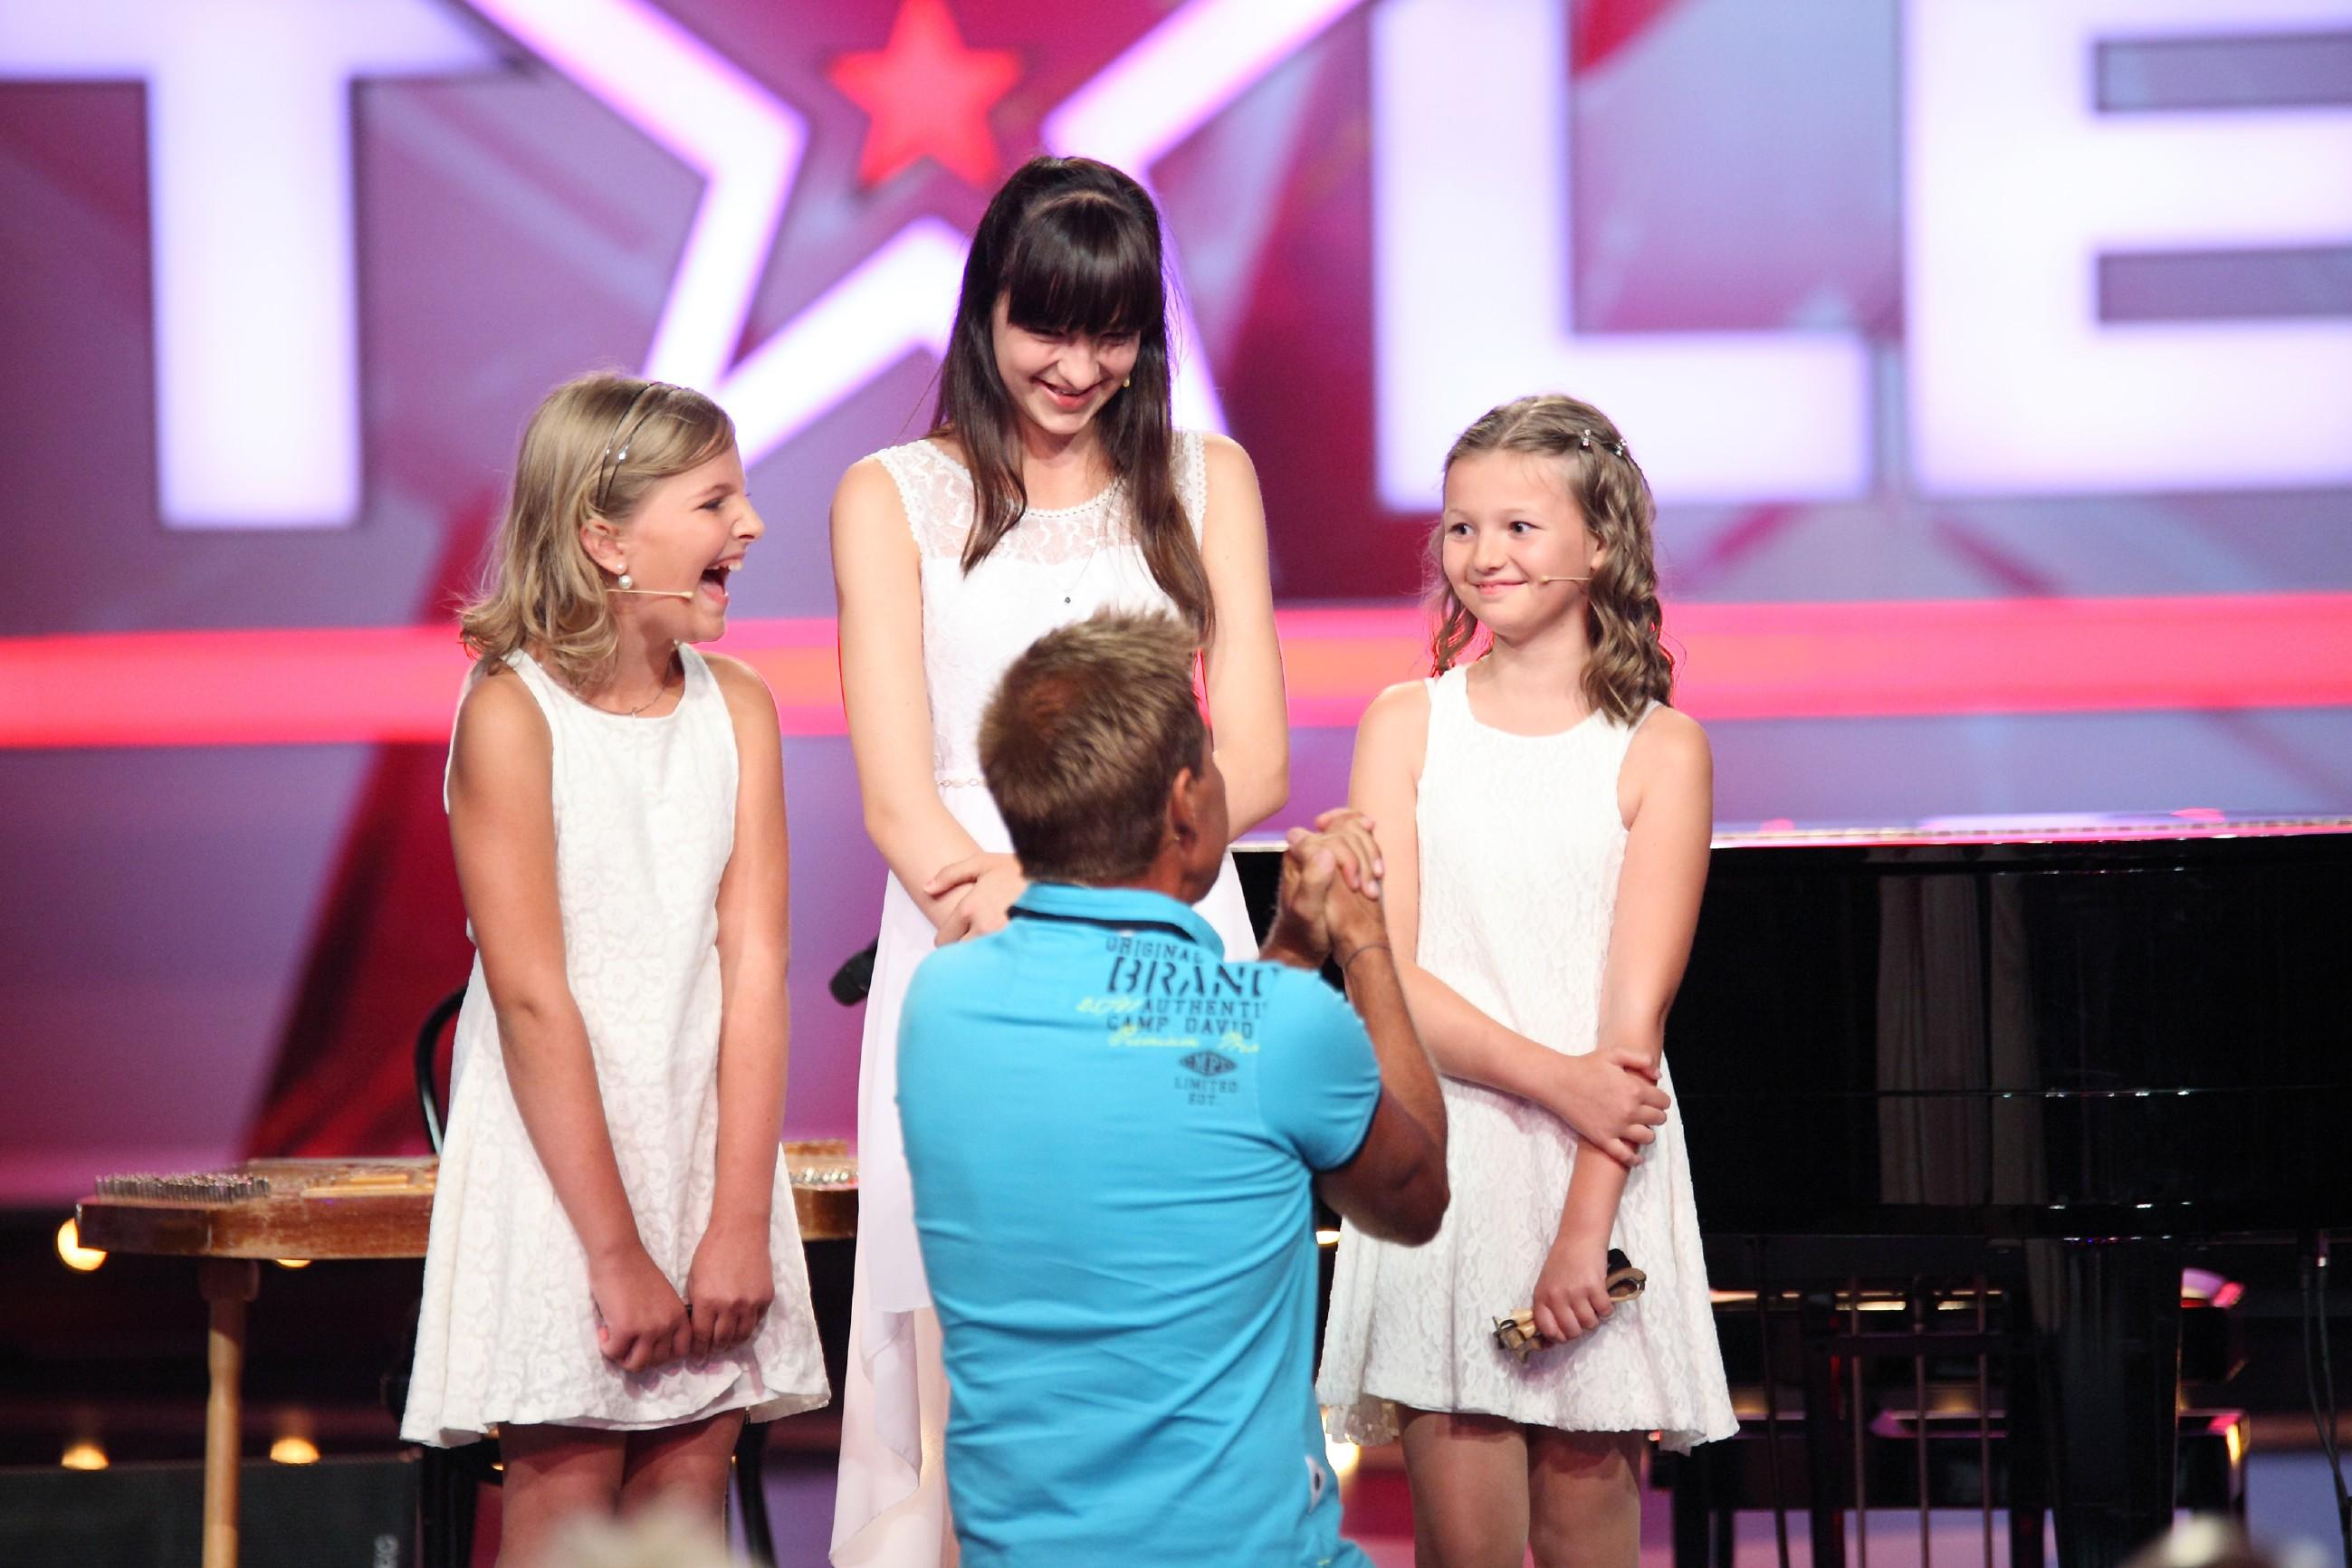 Das Supertalent 2015 Show 5 - Natali Arnold, Deborah Nagel und Laura Semisorow